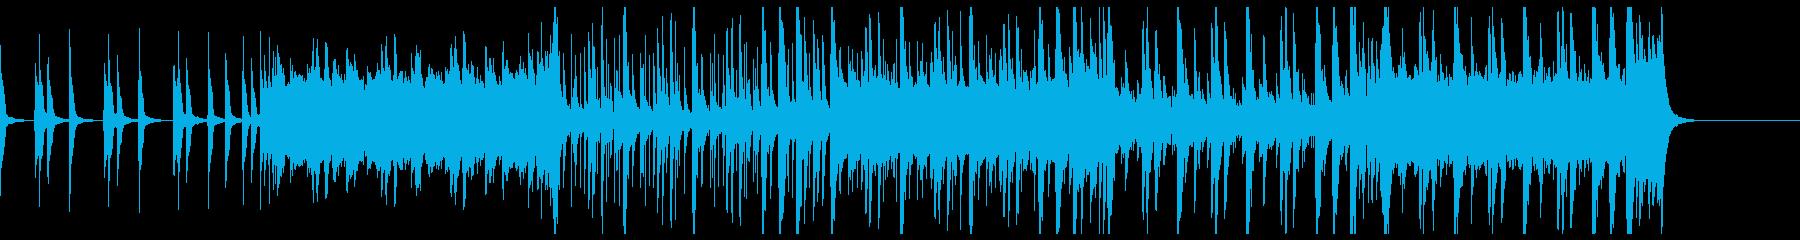 三味線と笛と和太鼓のシンプルな和風曲の再生済みの波形